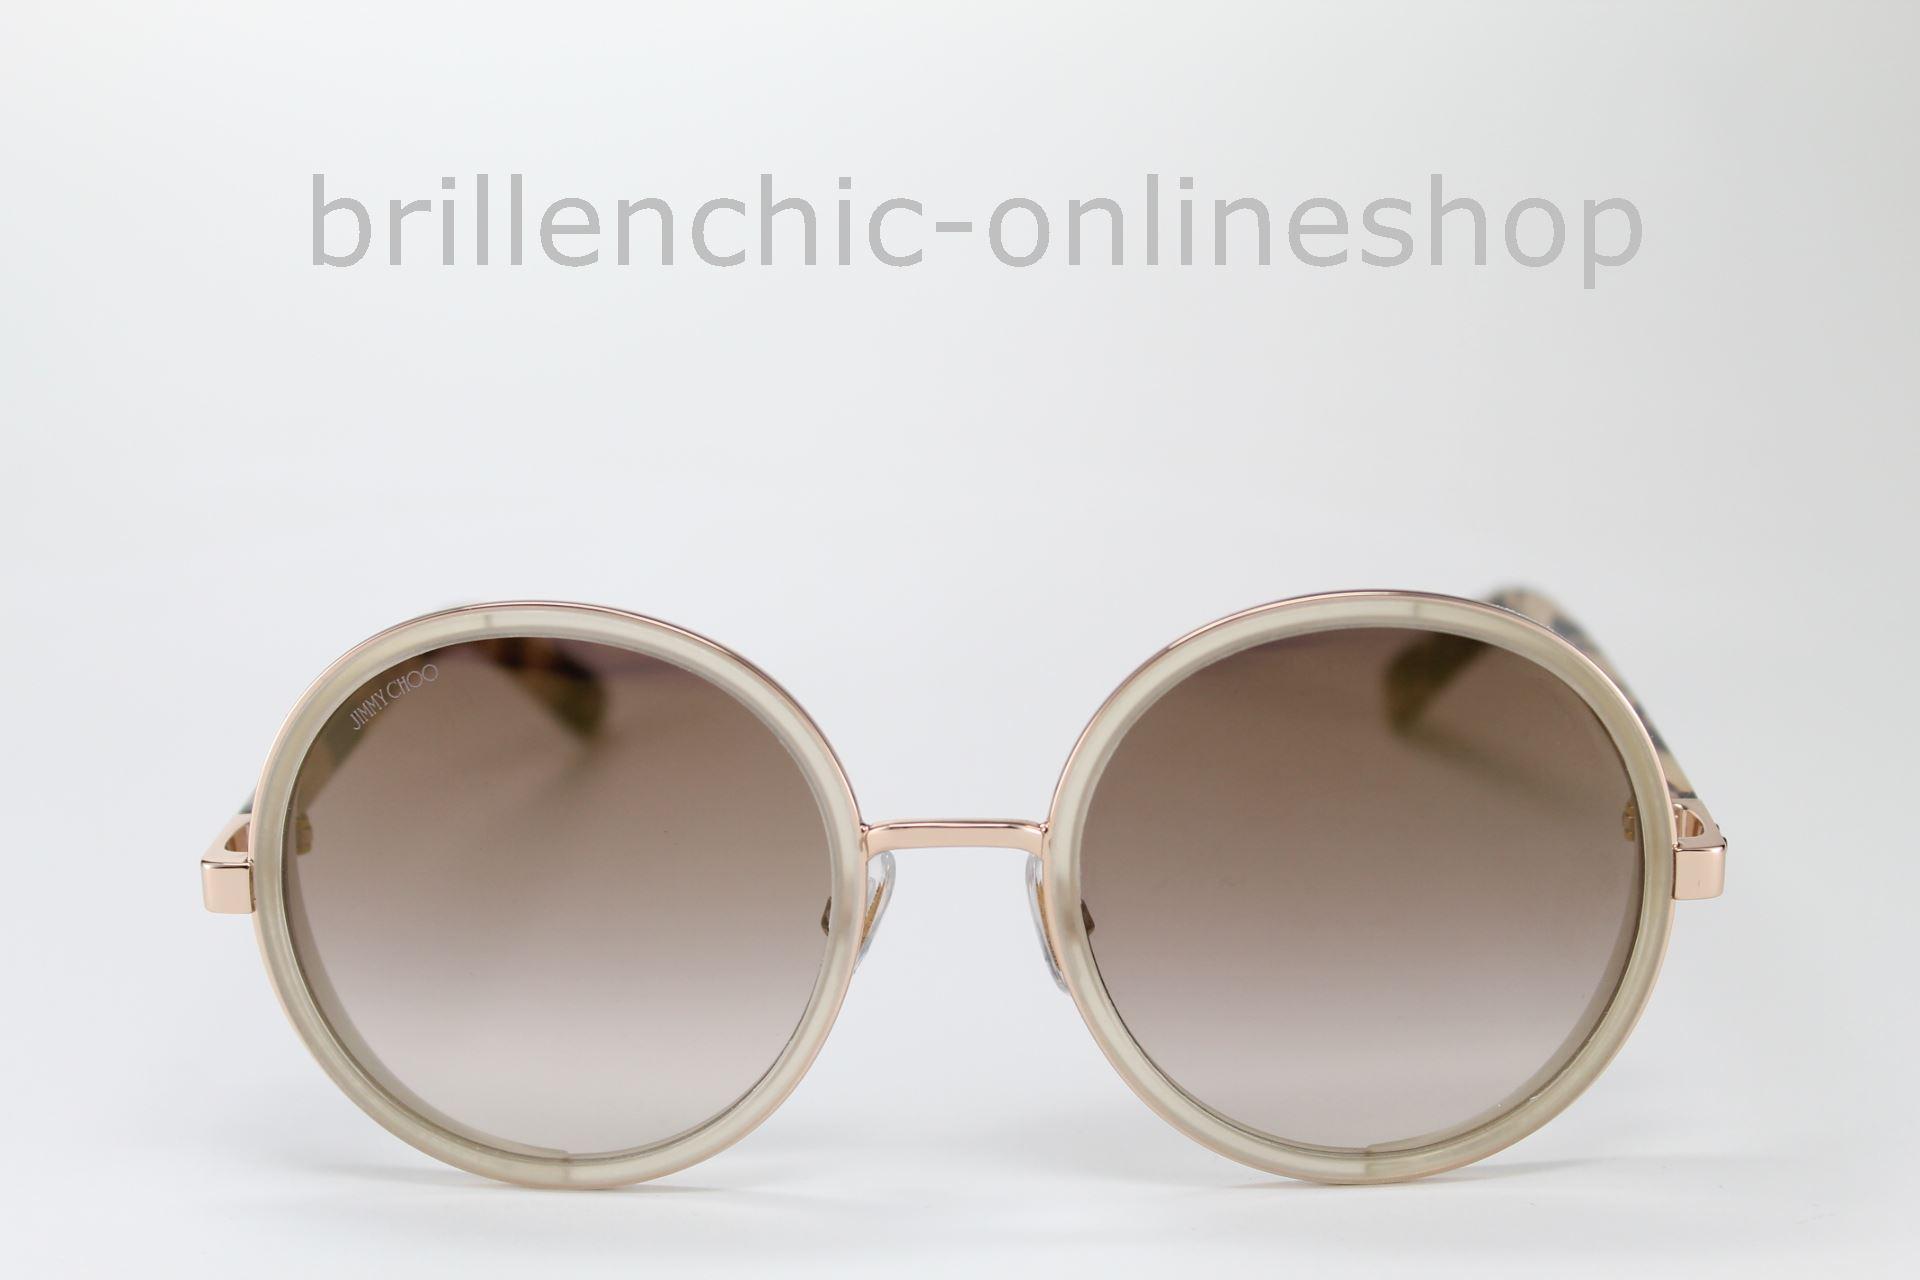 Brillenchic onlineshop Berlin Ihr starker Partner für